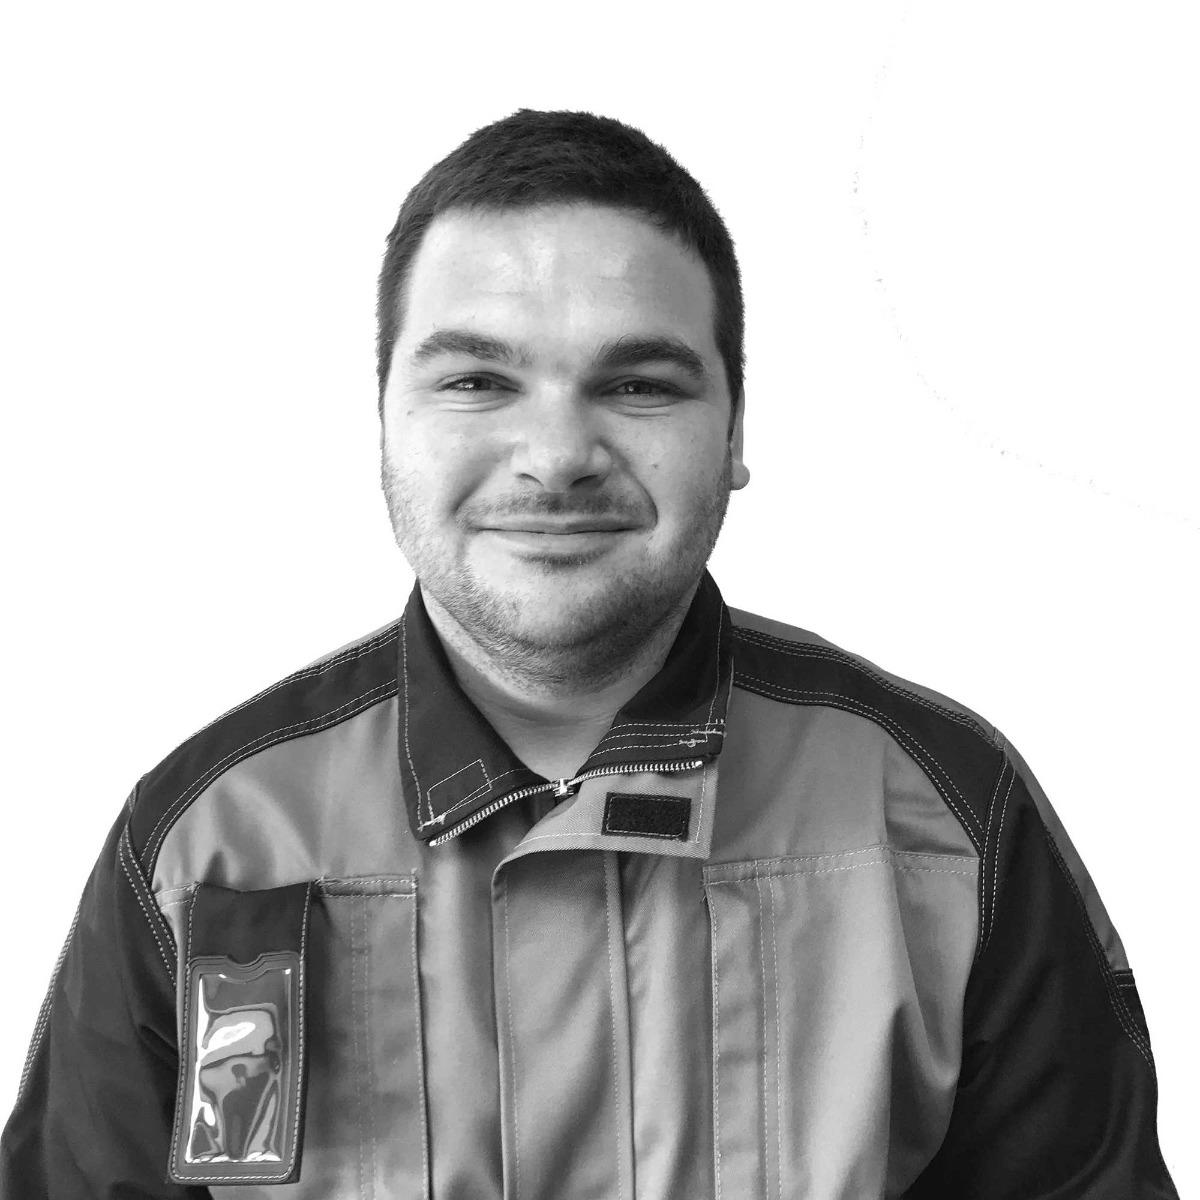 Gašper Ravnik